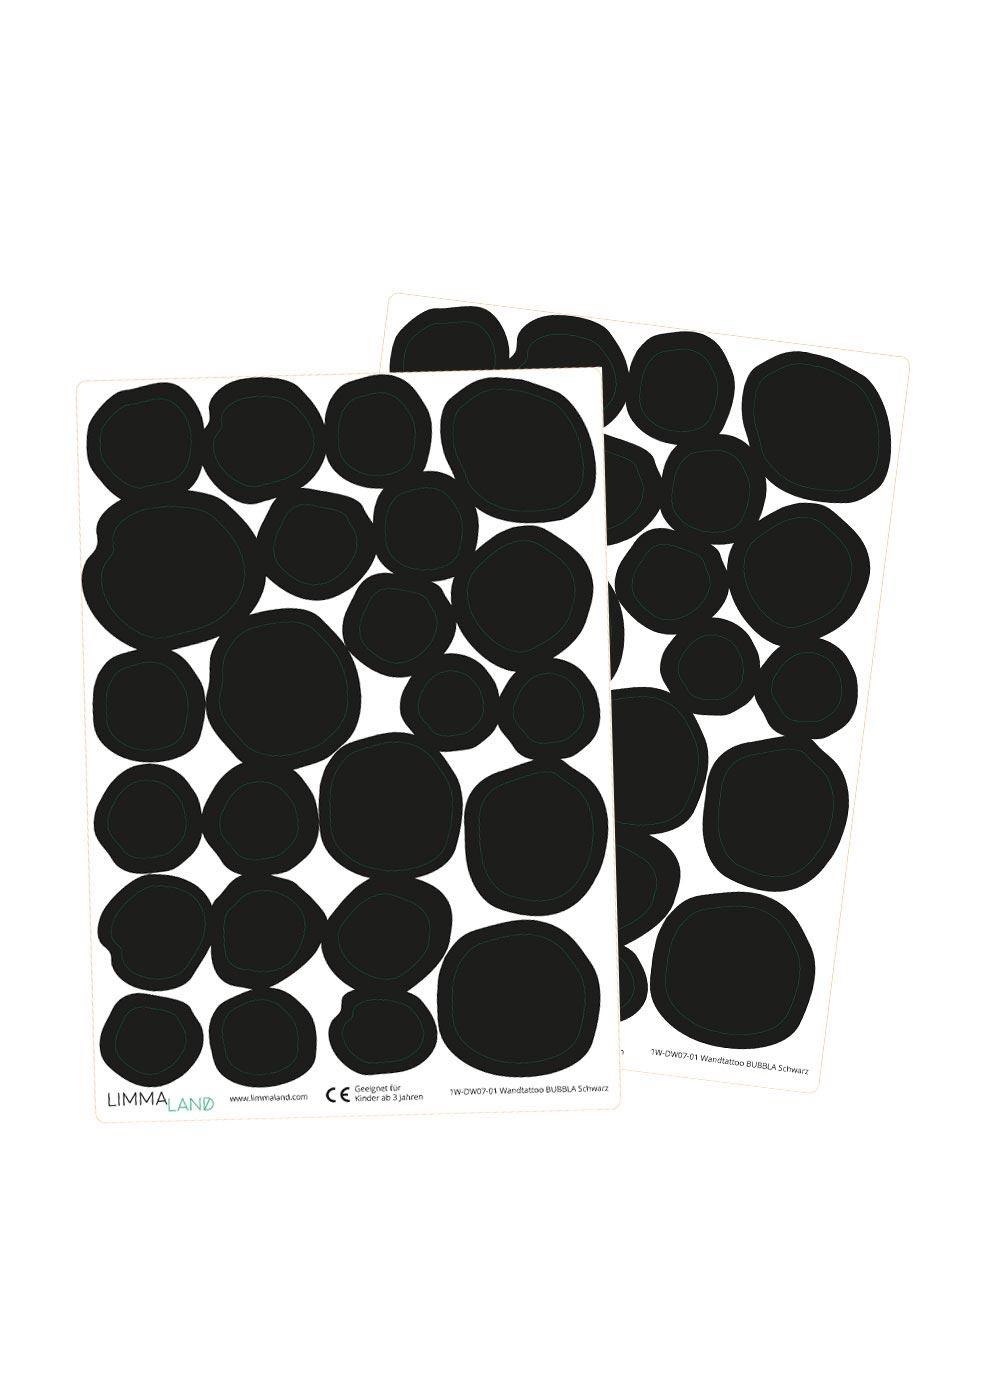 Wandsticker Möbel Steine schwarz Druckvorlage